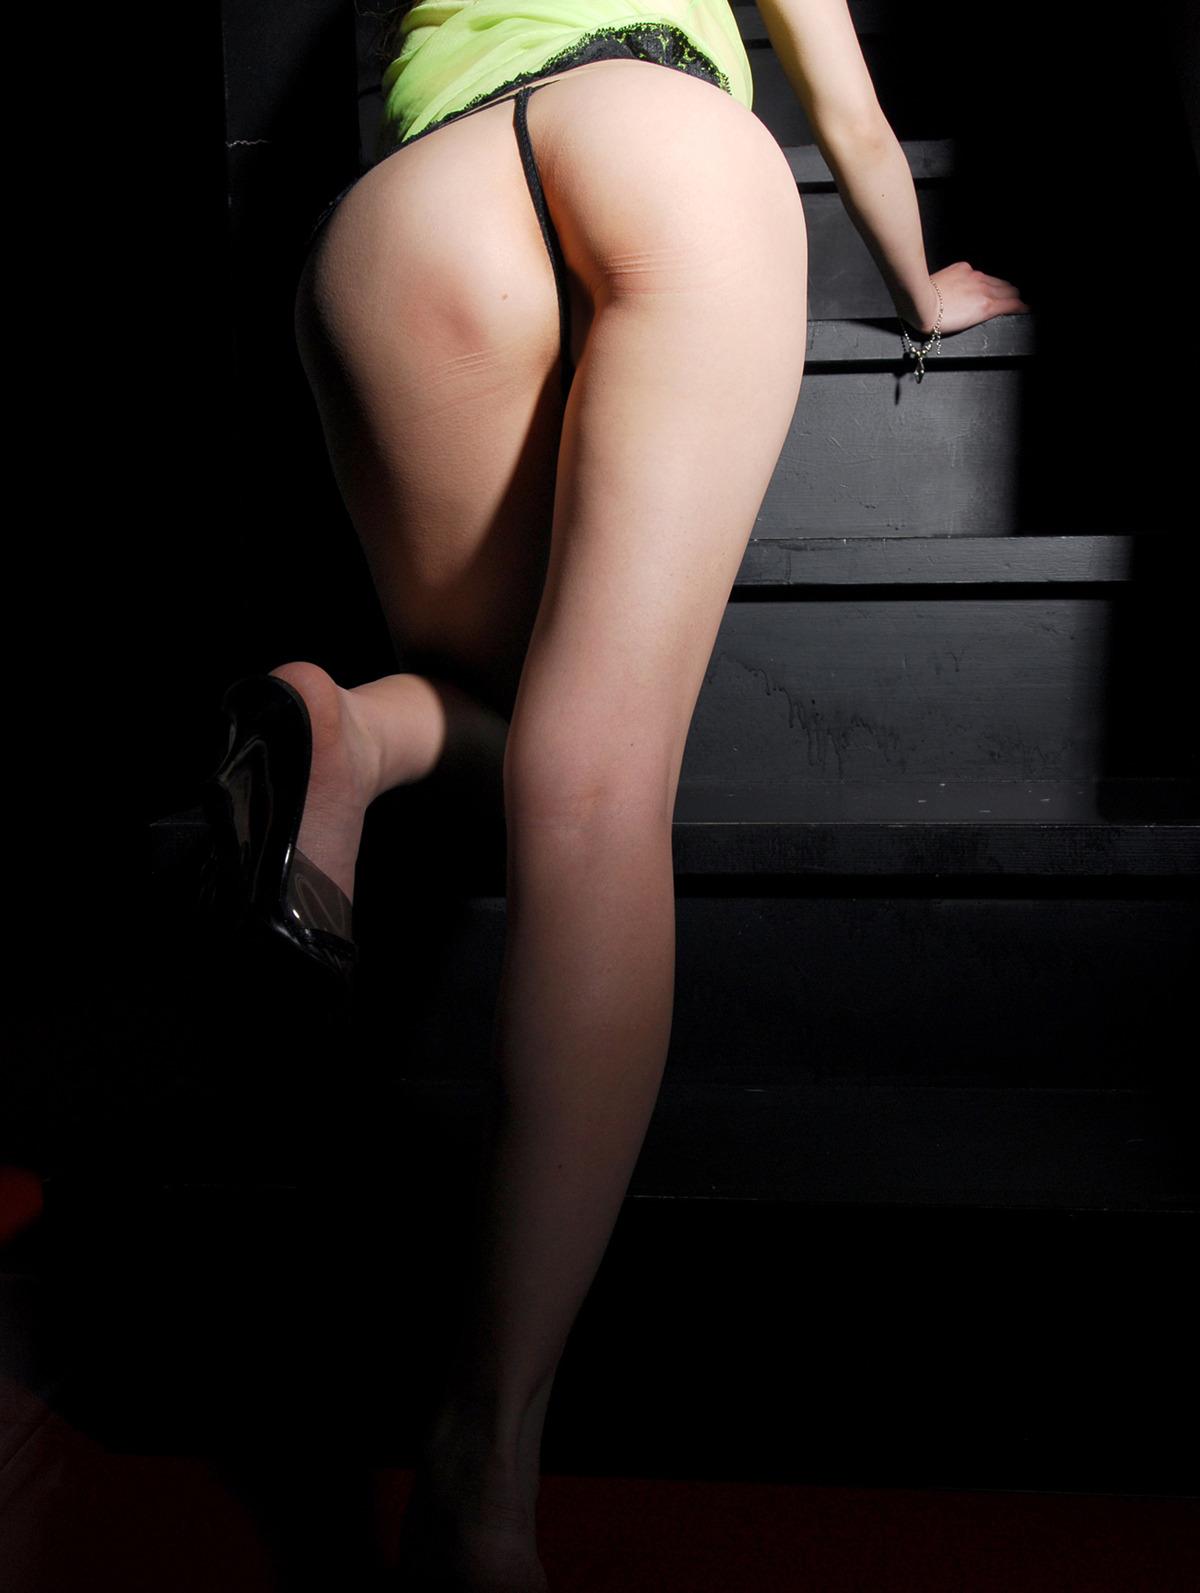 【美尻エロ画像】絶妙にアウトなとこだけ隠してくれるTバックさんの実力www 32